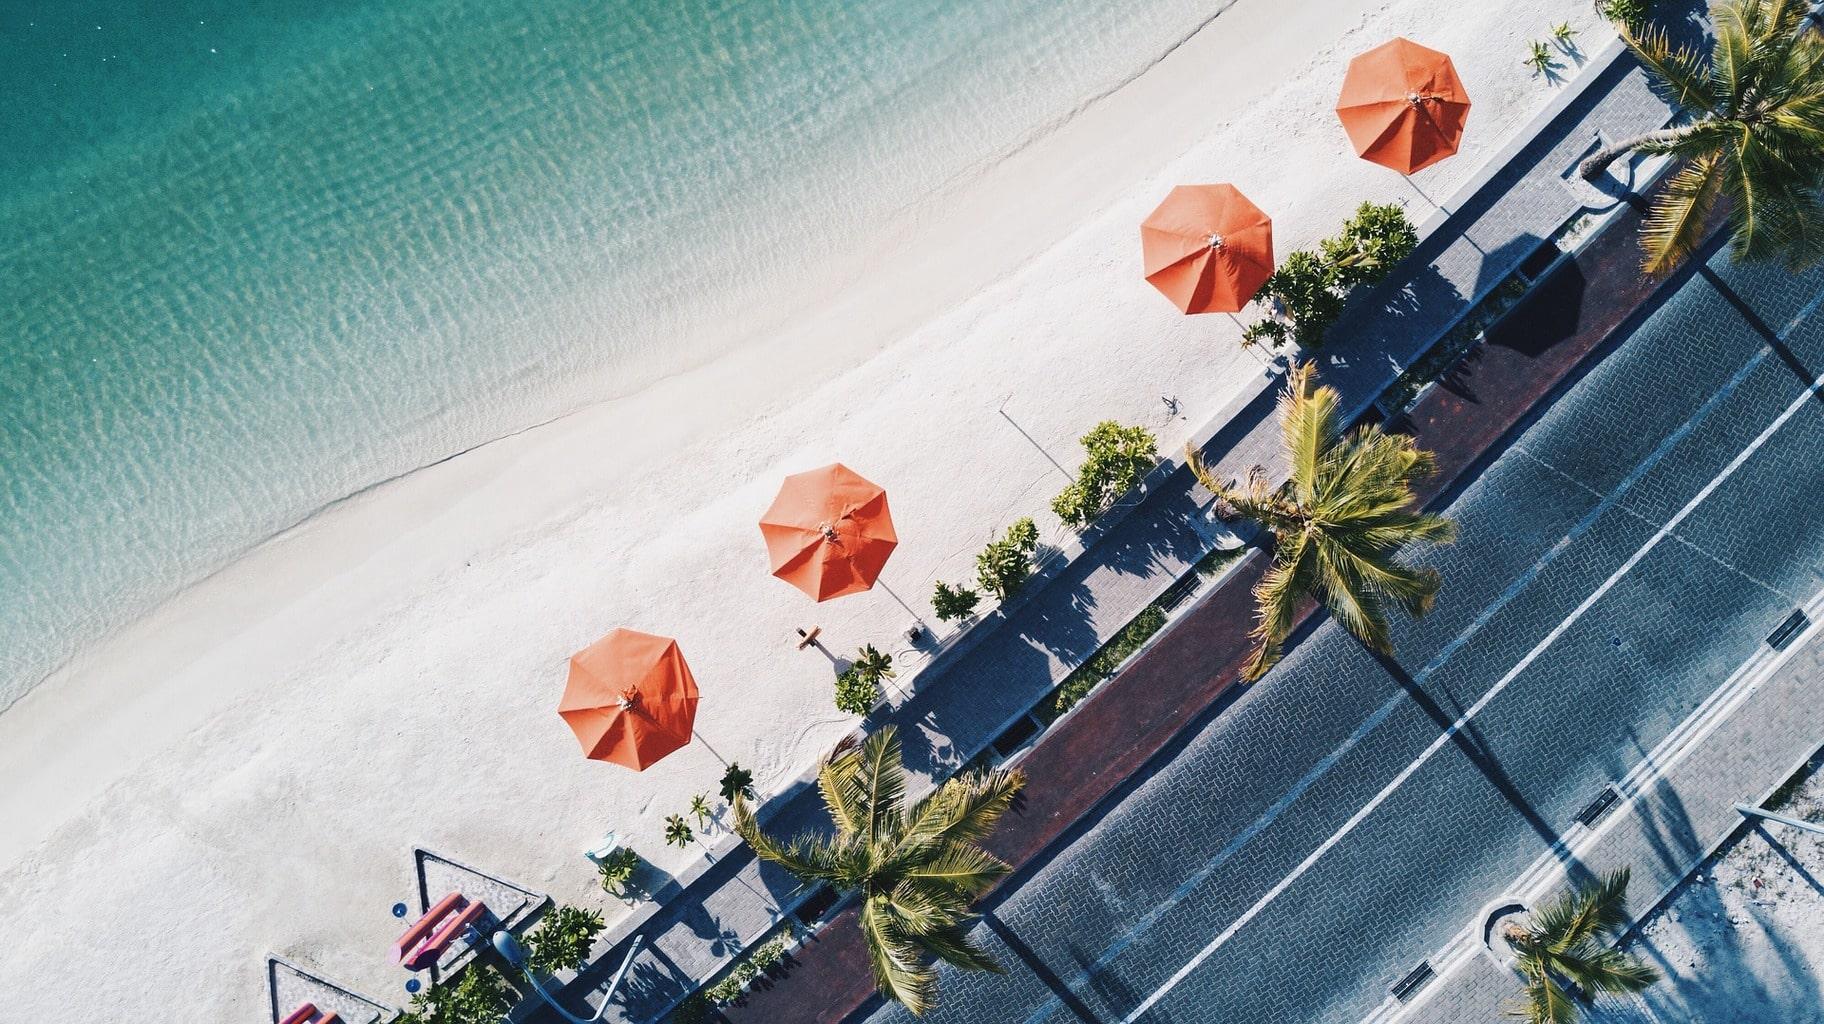 fotografía aérea de una playa